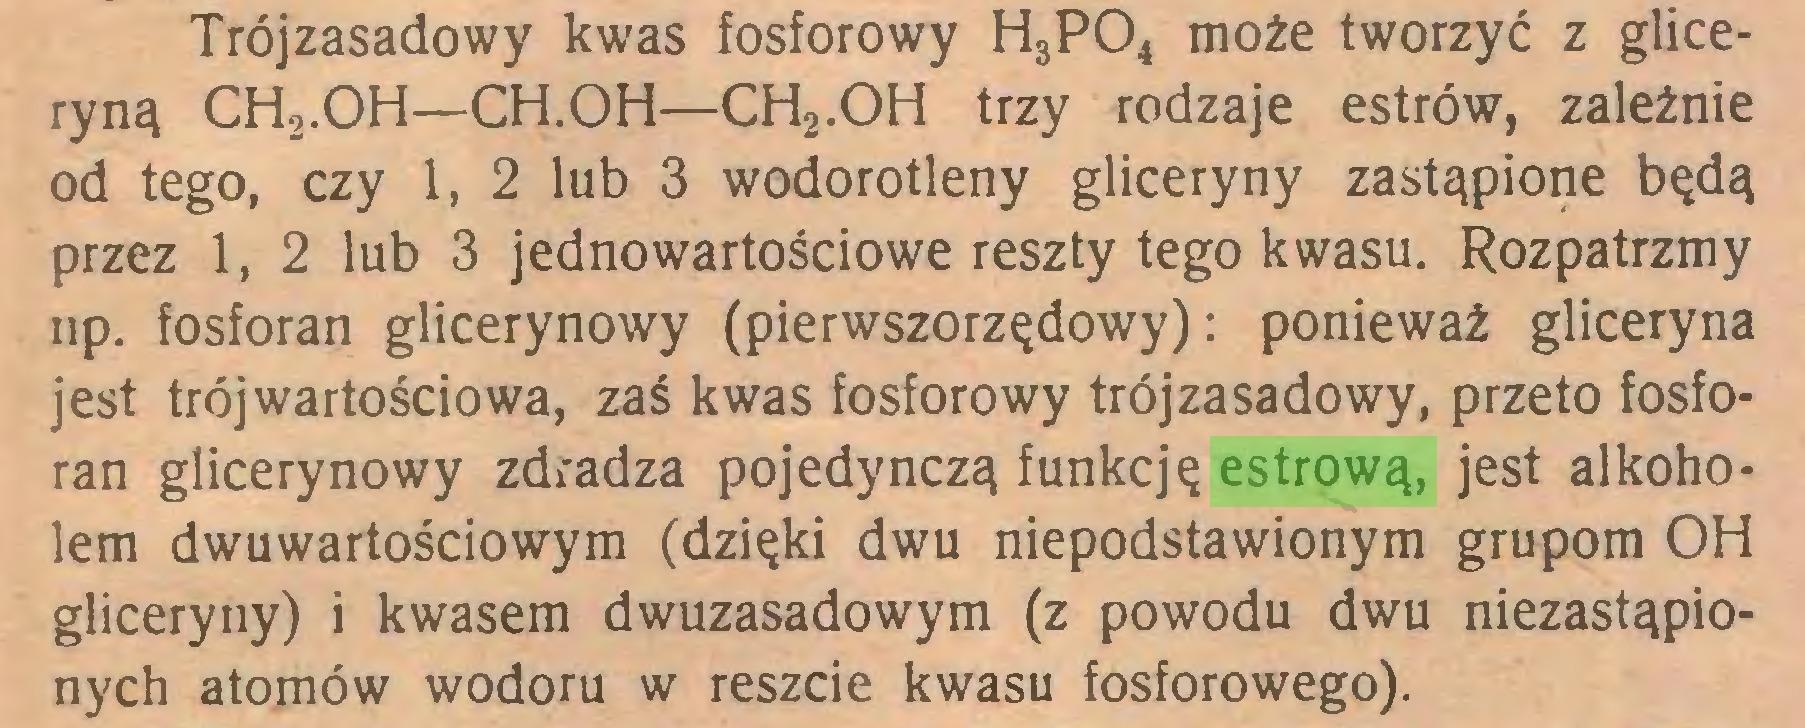 (...) Trójzasadowy kwas fosforowy H3P04 może tworzyć z gliceryną CH2.OH—CH.OH—CH2.OH trzy rodzaje estrów, zależnie od tego, czy 1, 2 lub 3 wodorotleny gliceryny zastąpione będą przez 1, 2 lub 3 jedno wartościowe reszty tego kwasu. Rozpatrzmy np. fosforan glicerynowy (pierwszorzędowy): ponieważ gliceryna jest trójwartościowa, zaś kwas fosforowy trójzasadowy, przeto fosforan glicerynowy zdradza pojedynczą funkcję estrową, jest alkoholem dwuwartościowym (dzięki dwu niepodstawionym grupom OH gliceryny) i kwasem dwuzasadowym (z powodu dwu niezastąpionych atomów wodoru w reszcie kwasu fosforowego)...